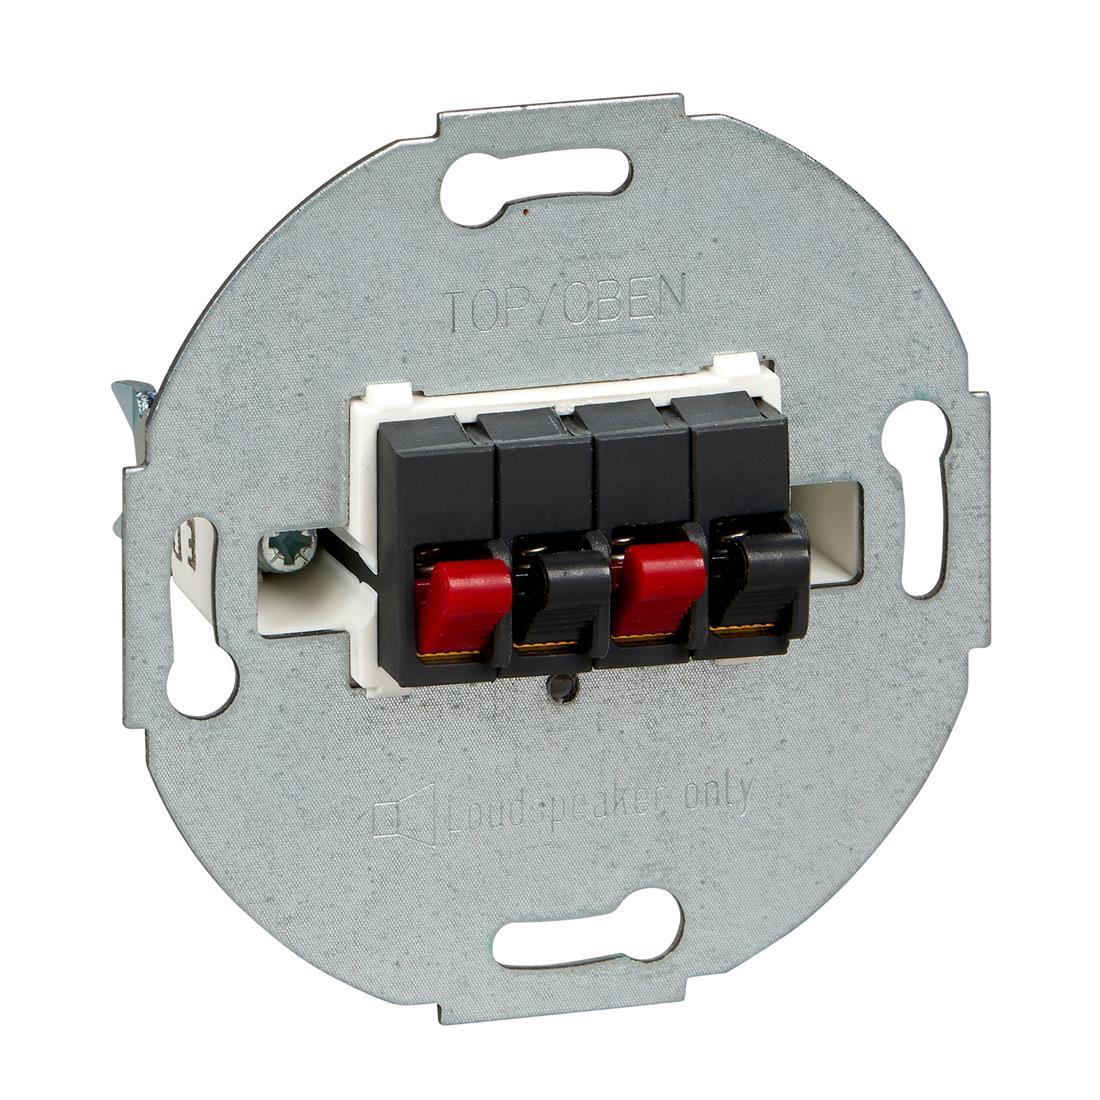 Schneider-Merten systeem m luidspreker contactdoos 2-voudig - antraciet (MTN467014)